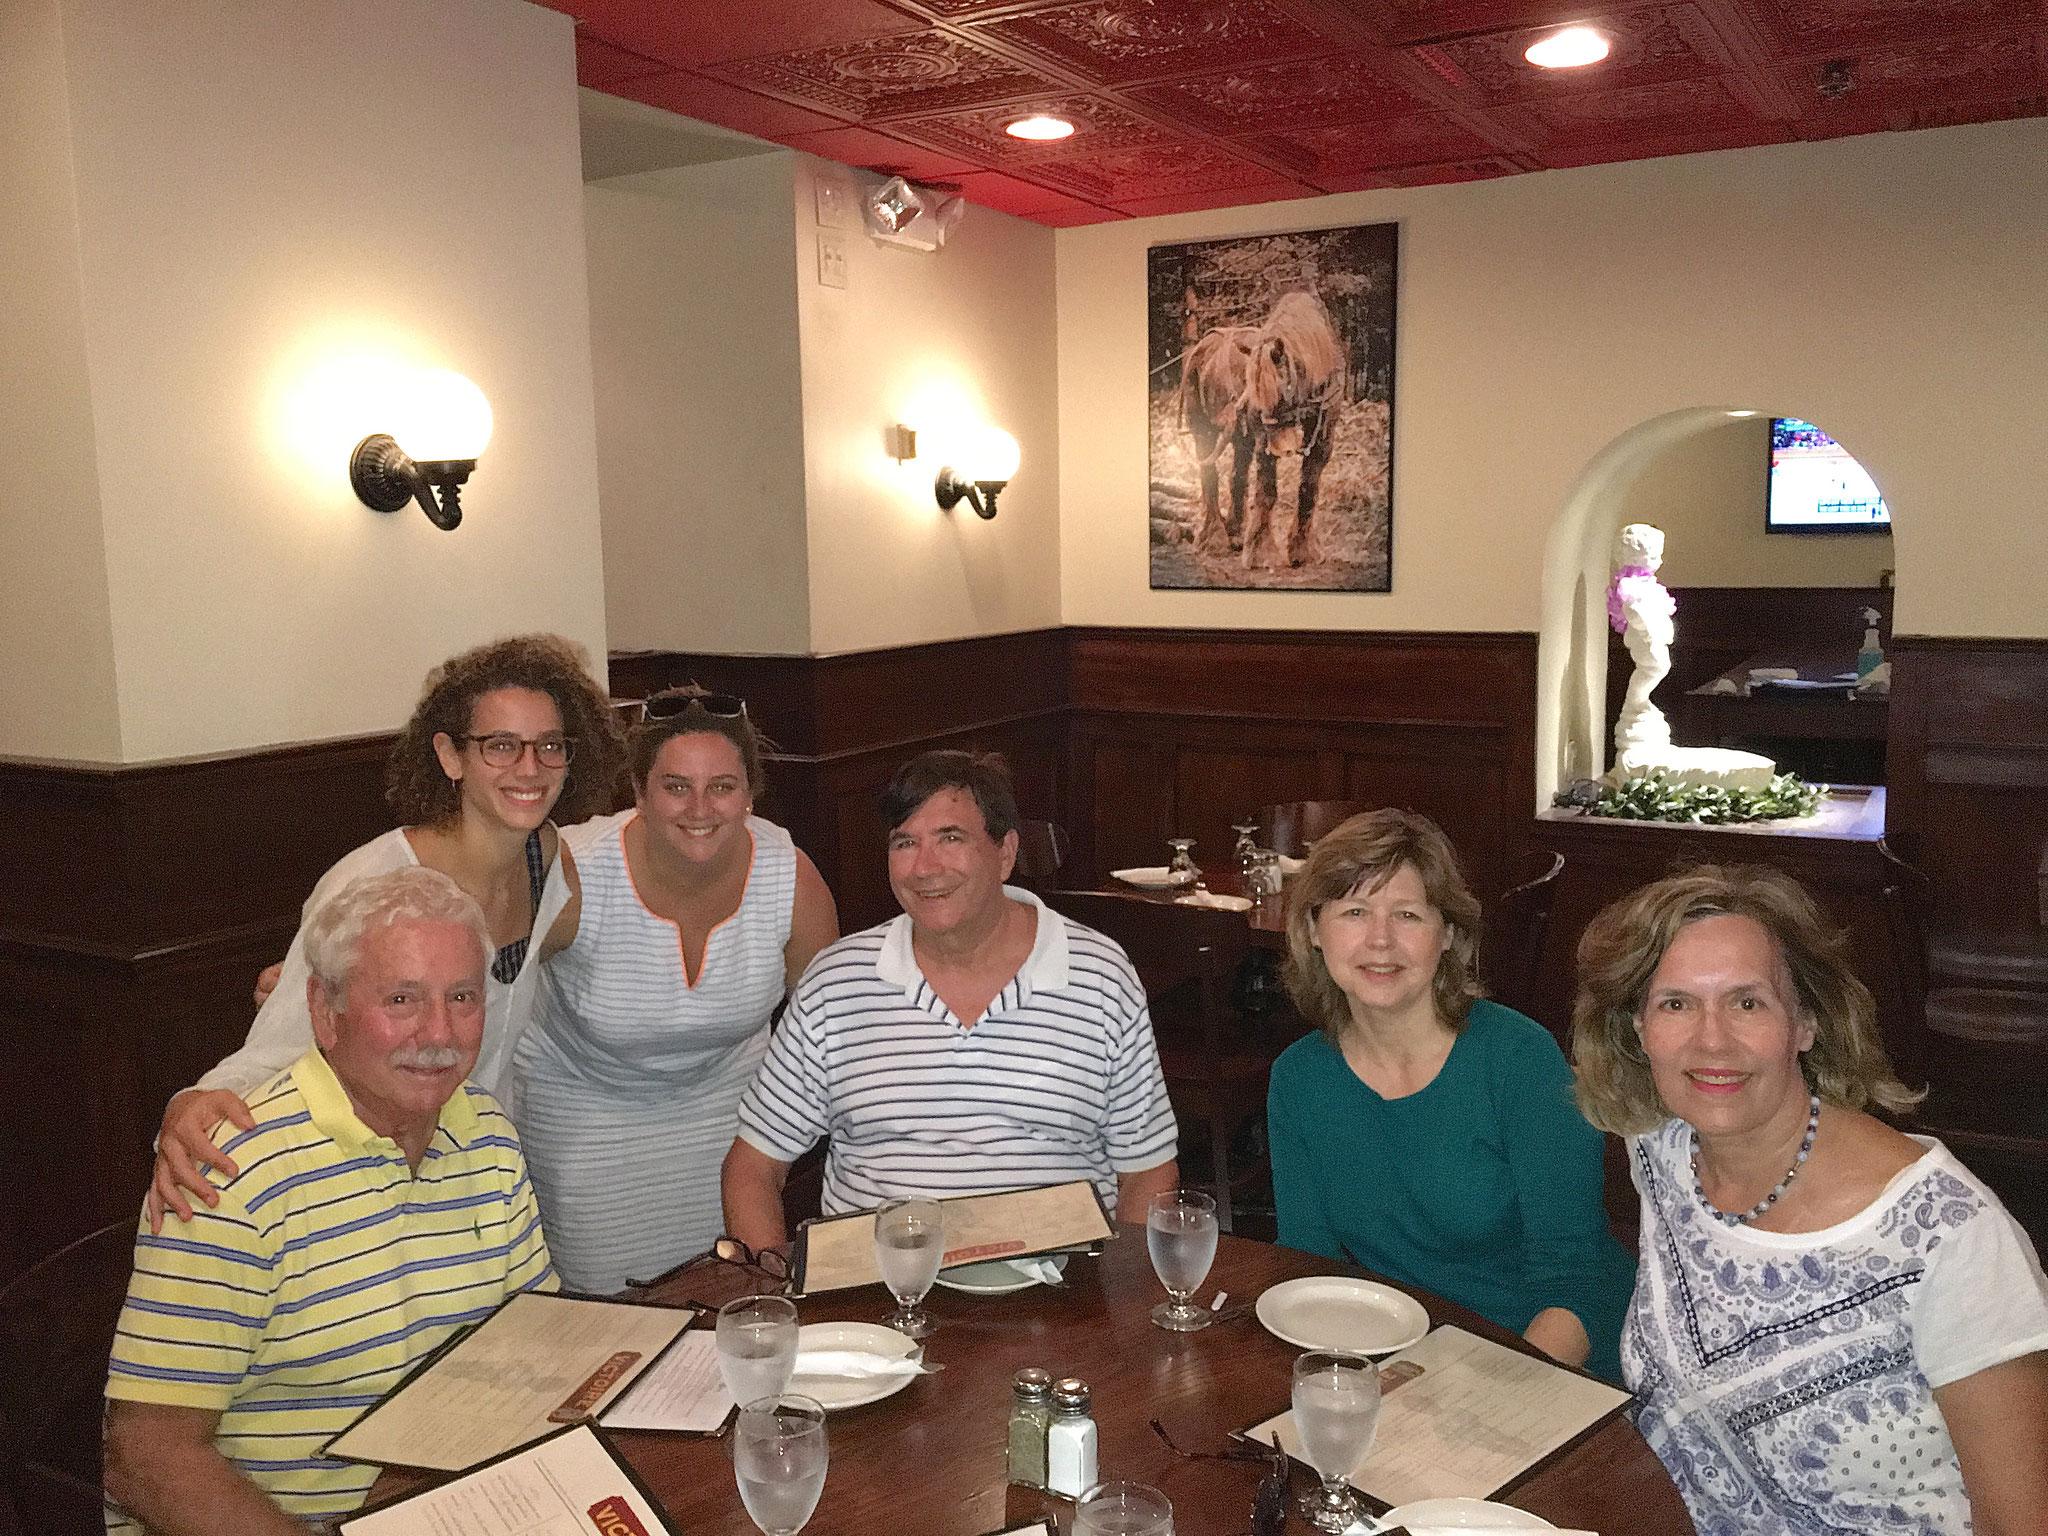 Don, Clara, Jean, John, Barbara, & Lorraine, Rochester, NY Aug. 2016